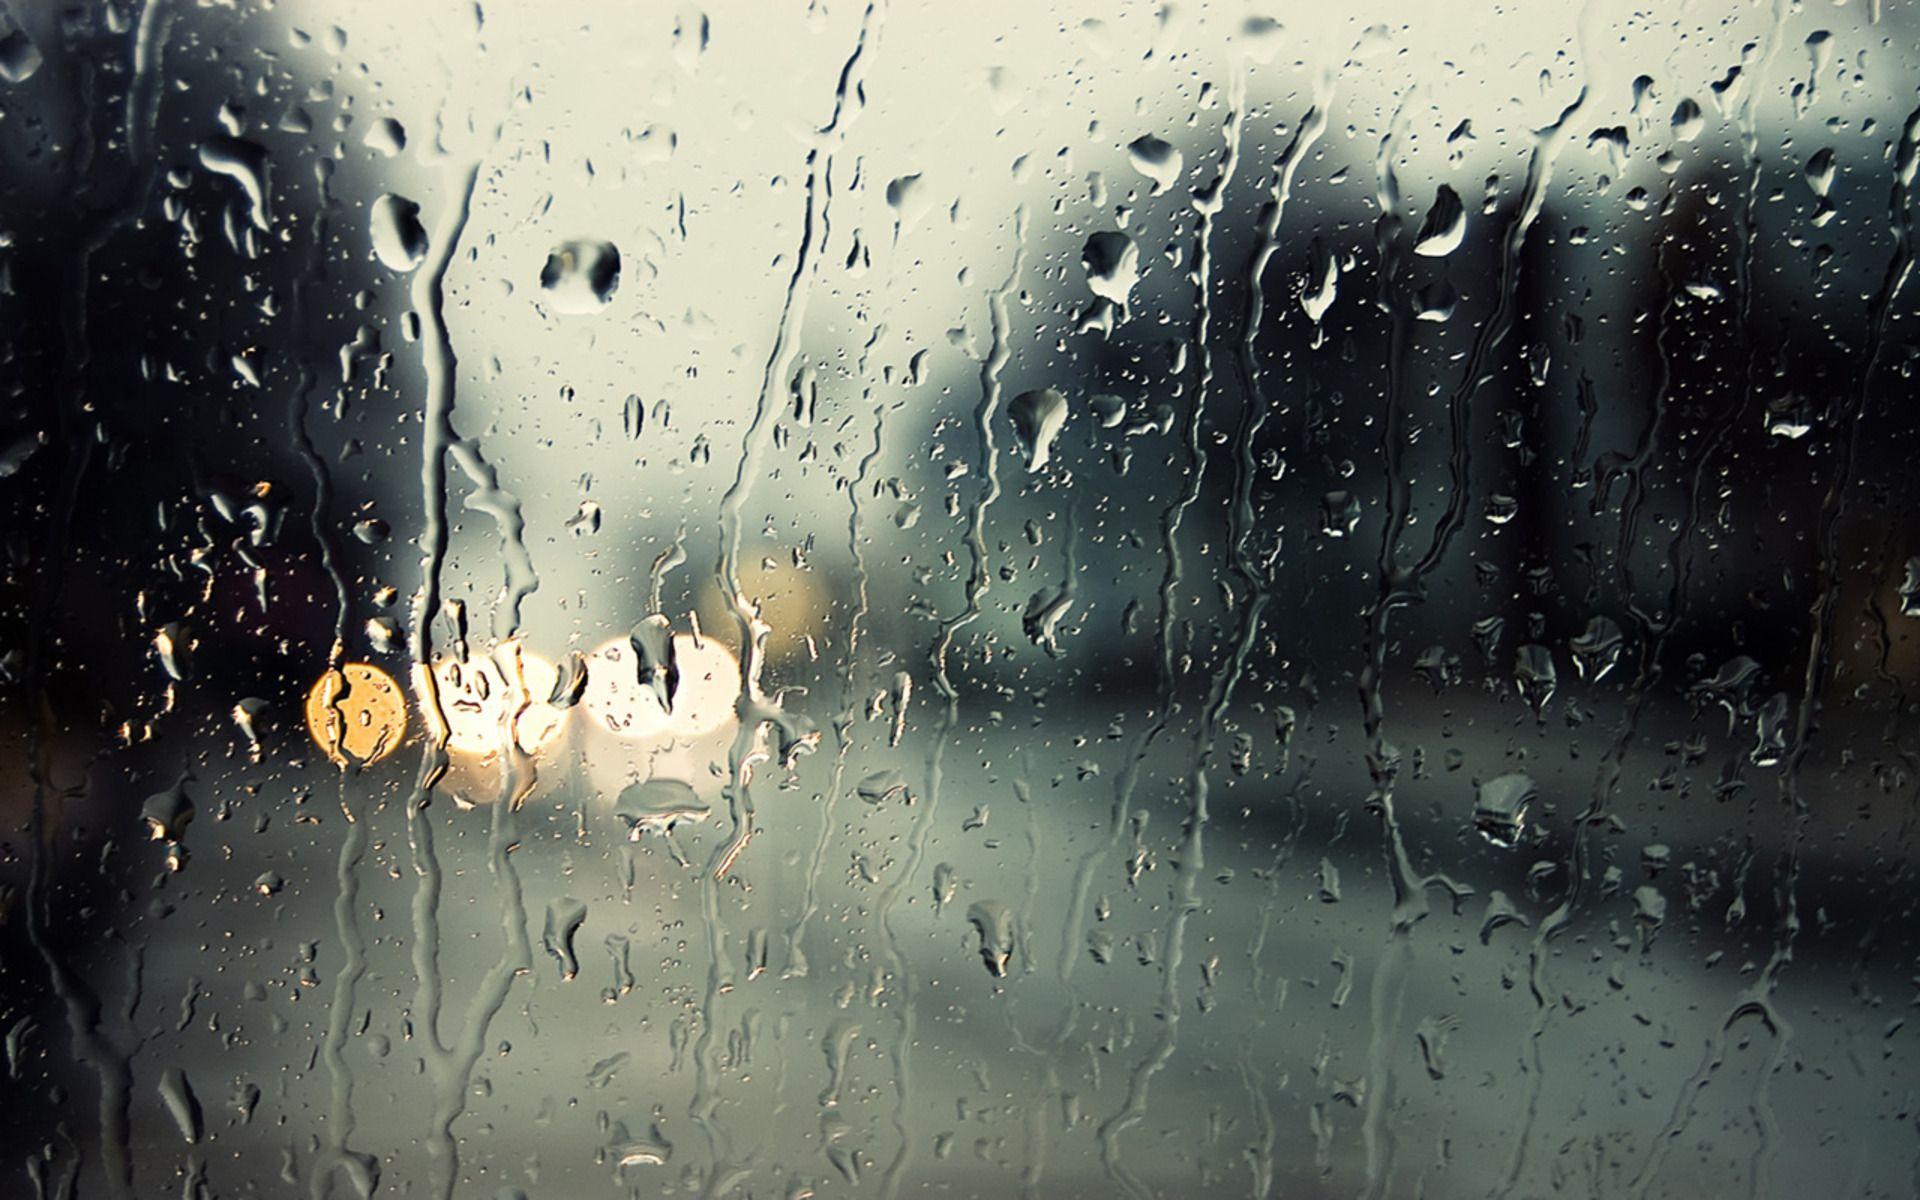 Must see Wallpaper Macbook Rain - 456e62d5ab8f288f046fd8414789aea8  Photograph_202955.jpg